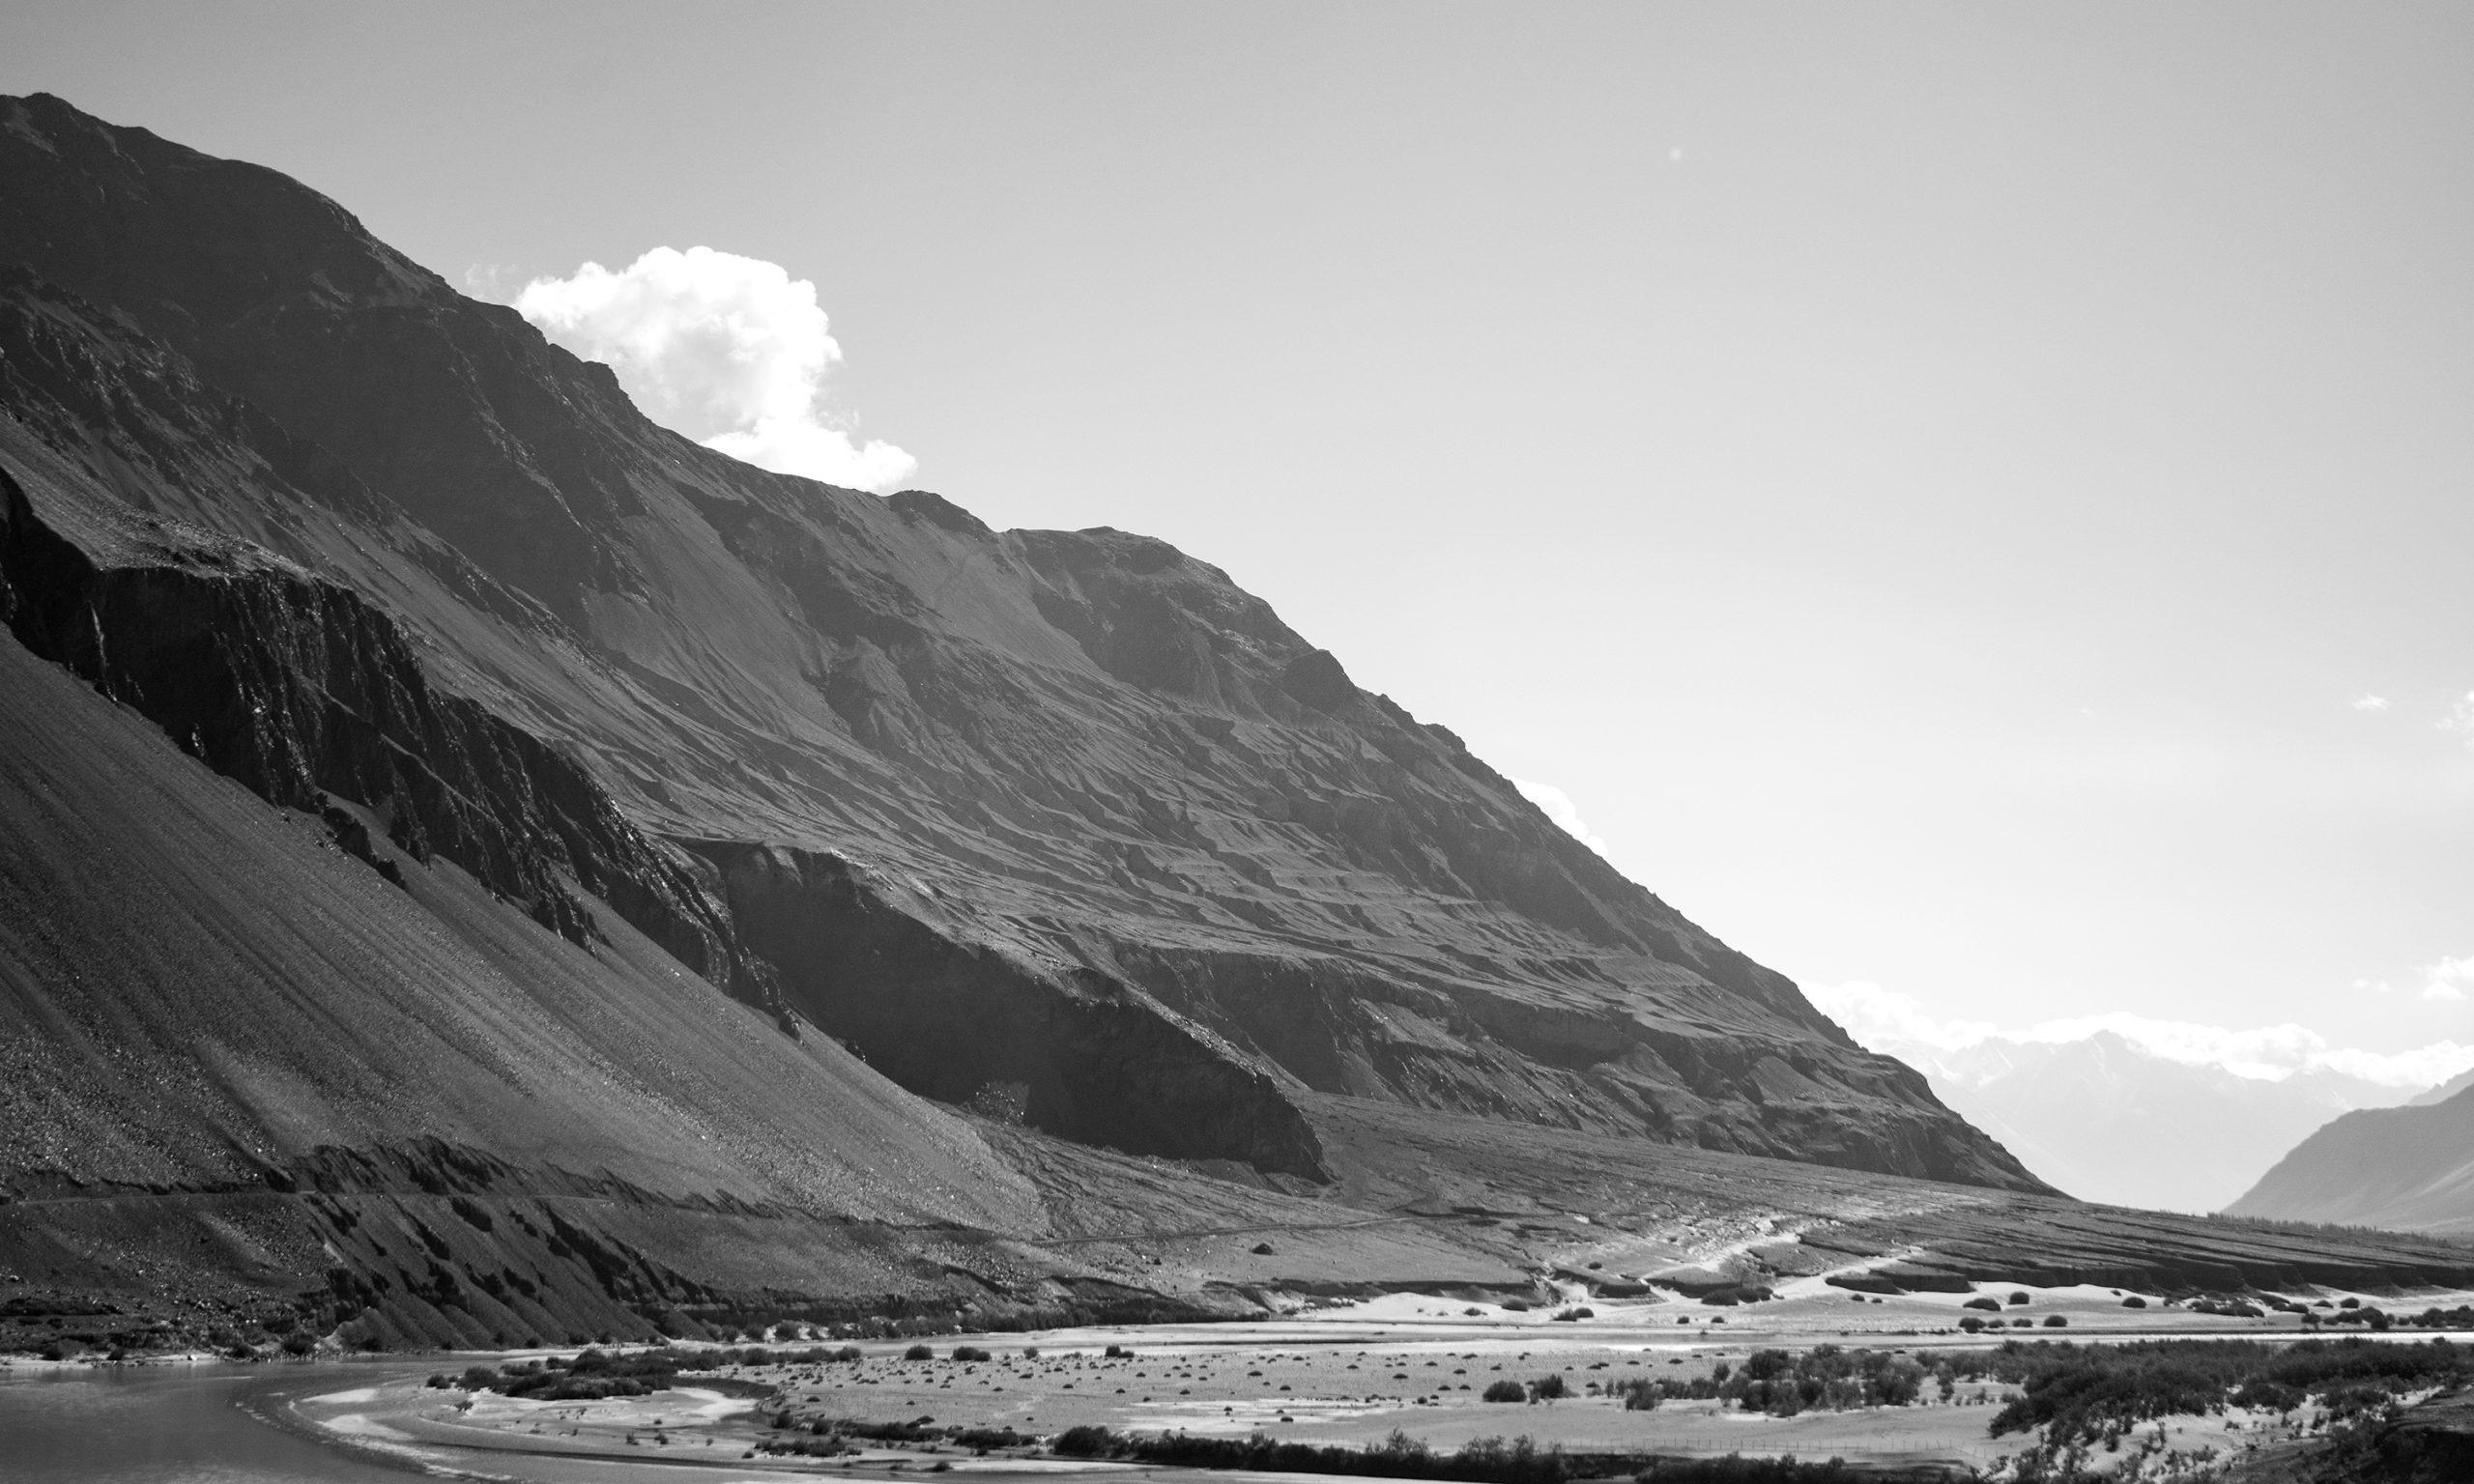 Desert mountains of Himalayan range